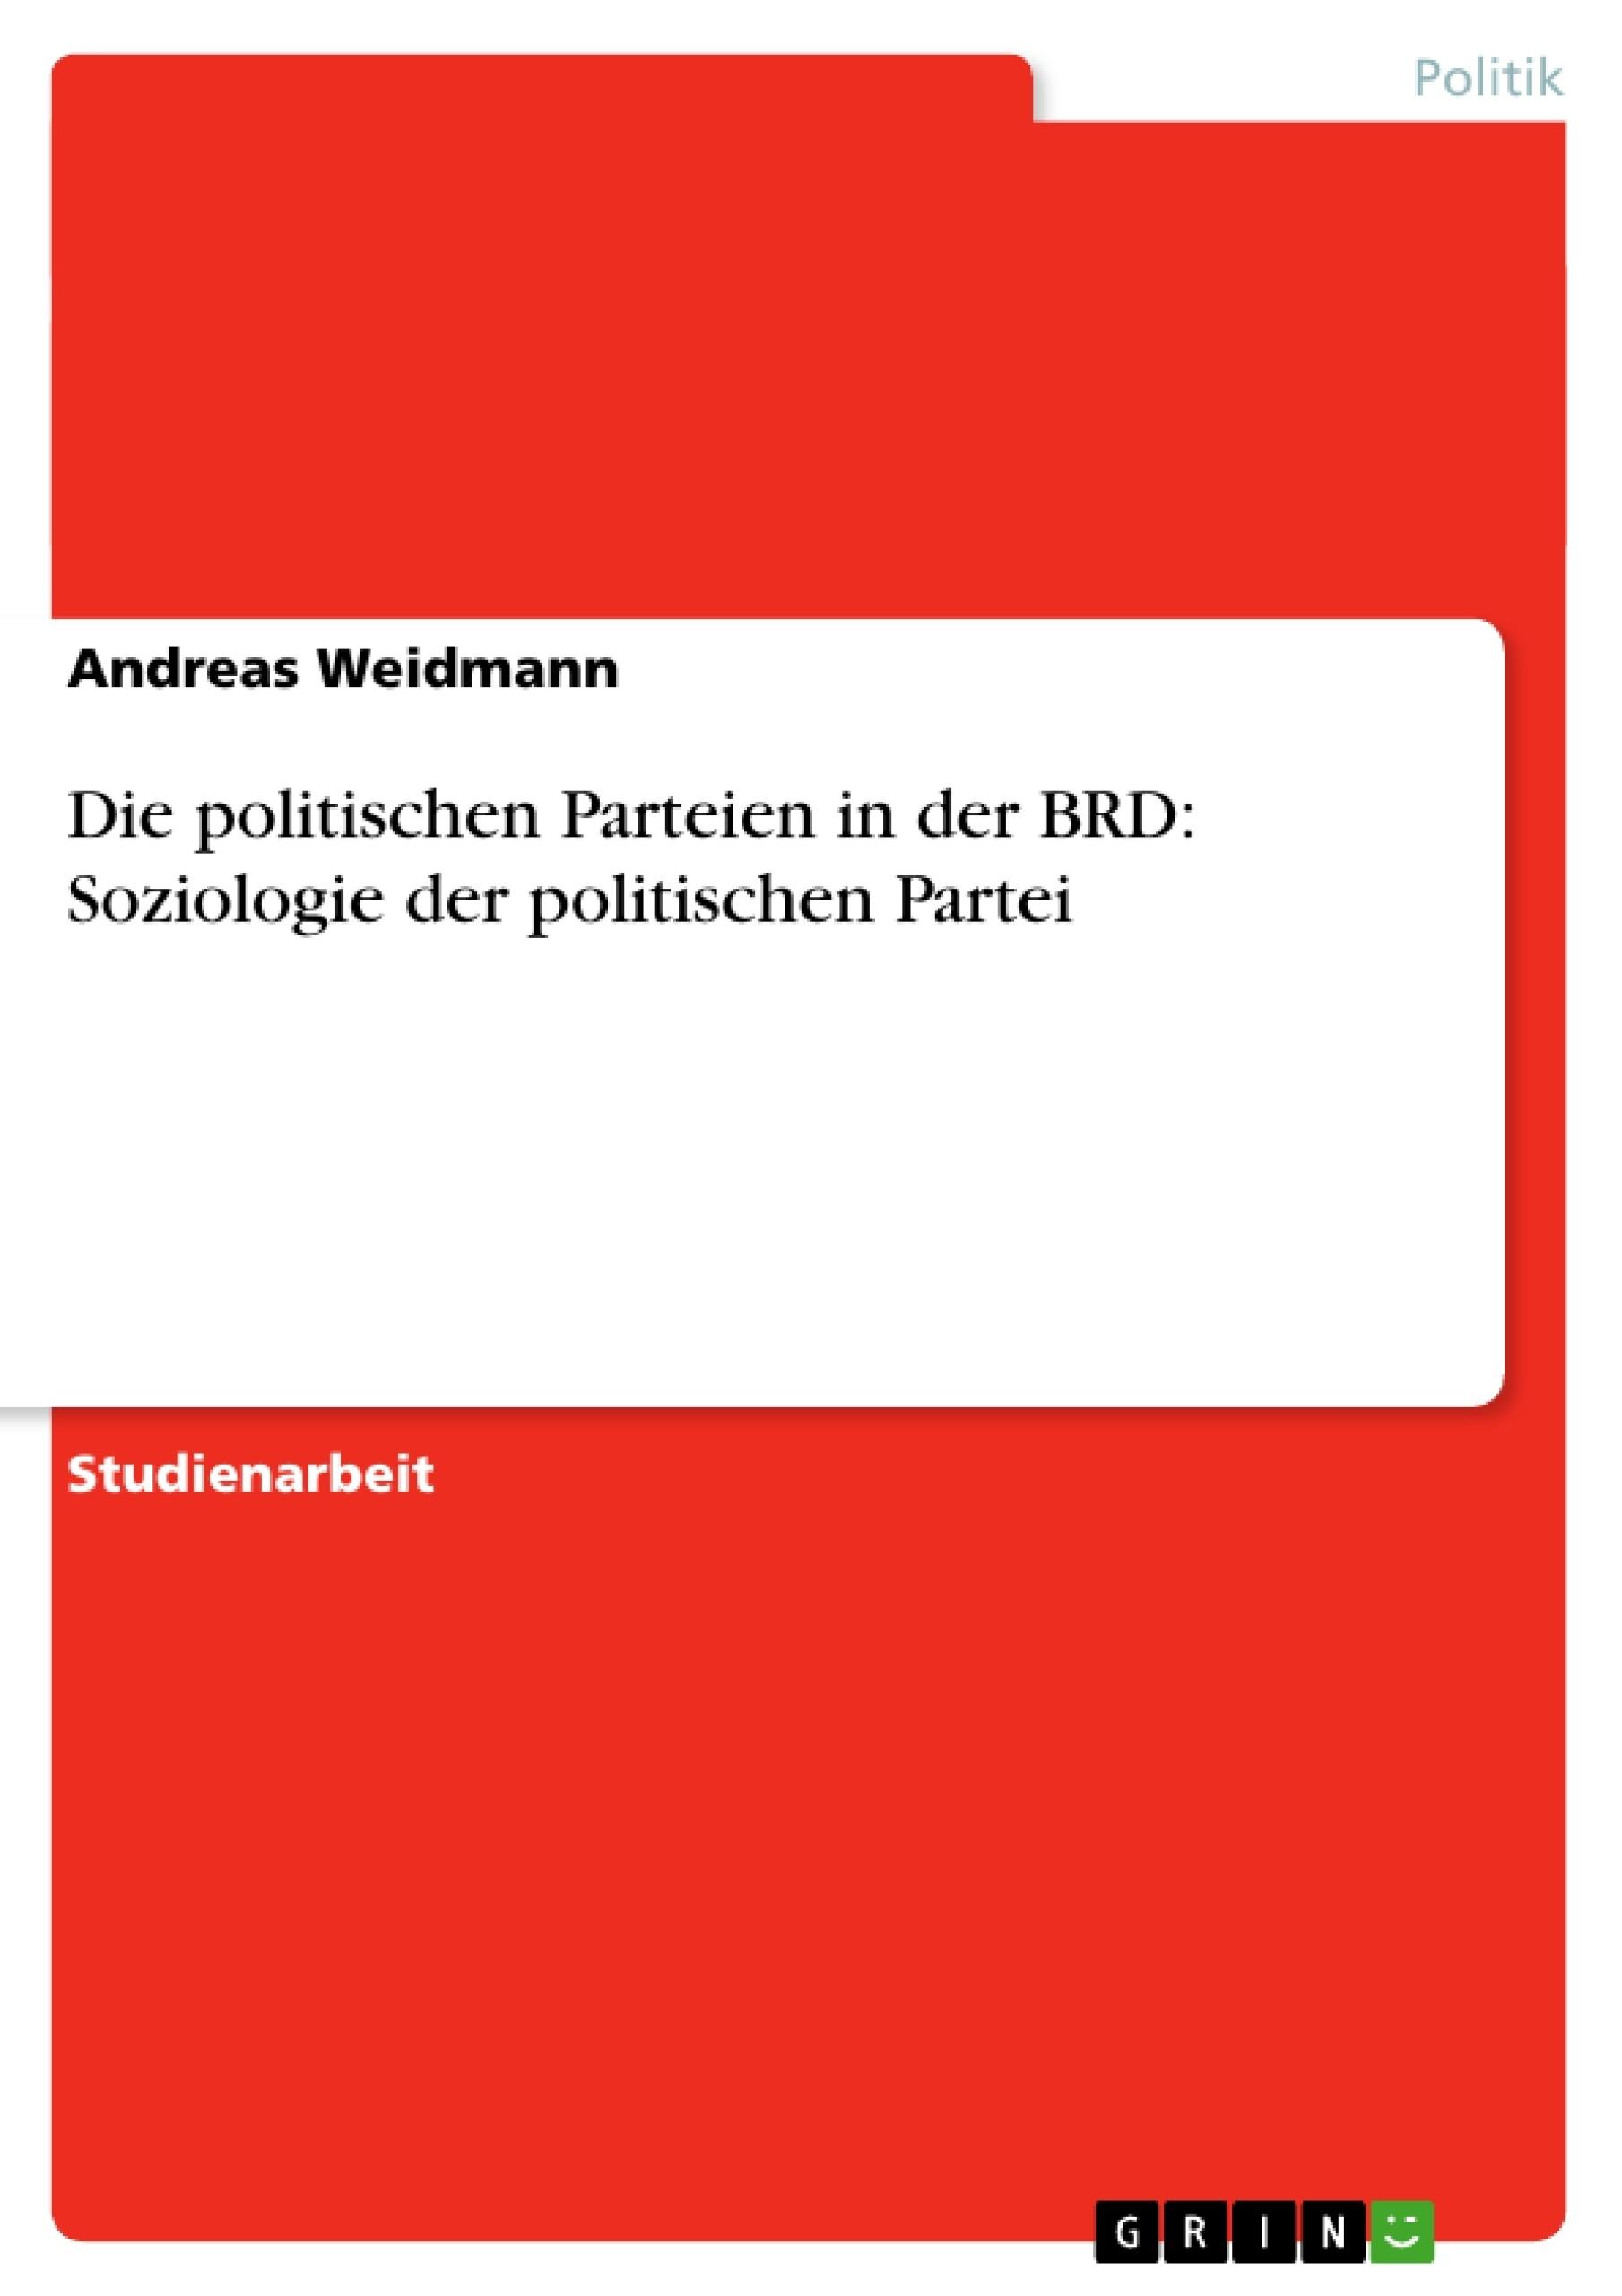 Titel: Die politischen Parteien in der BRD: Soziologie der politischen Partei